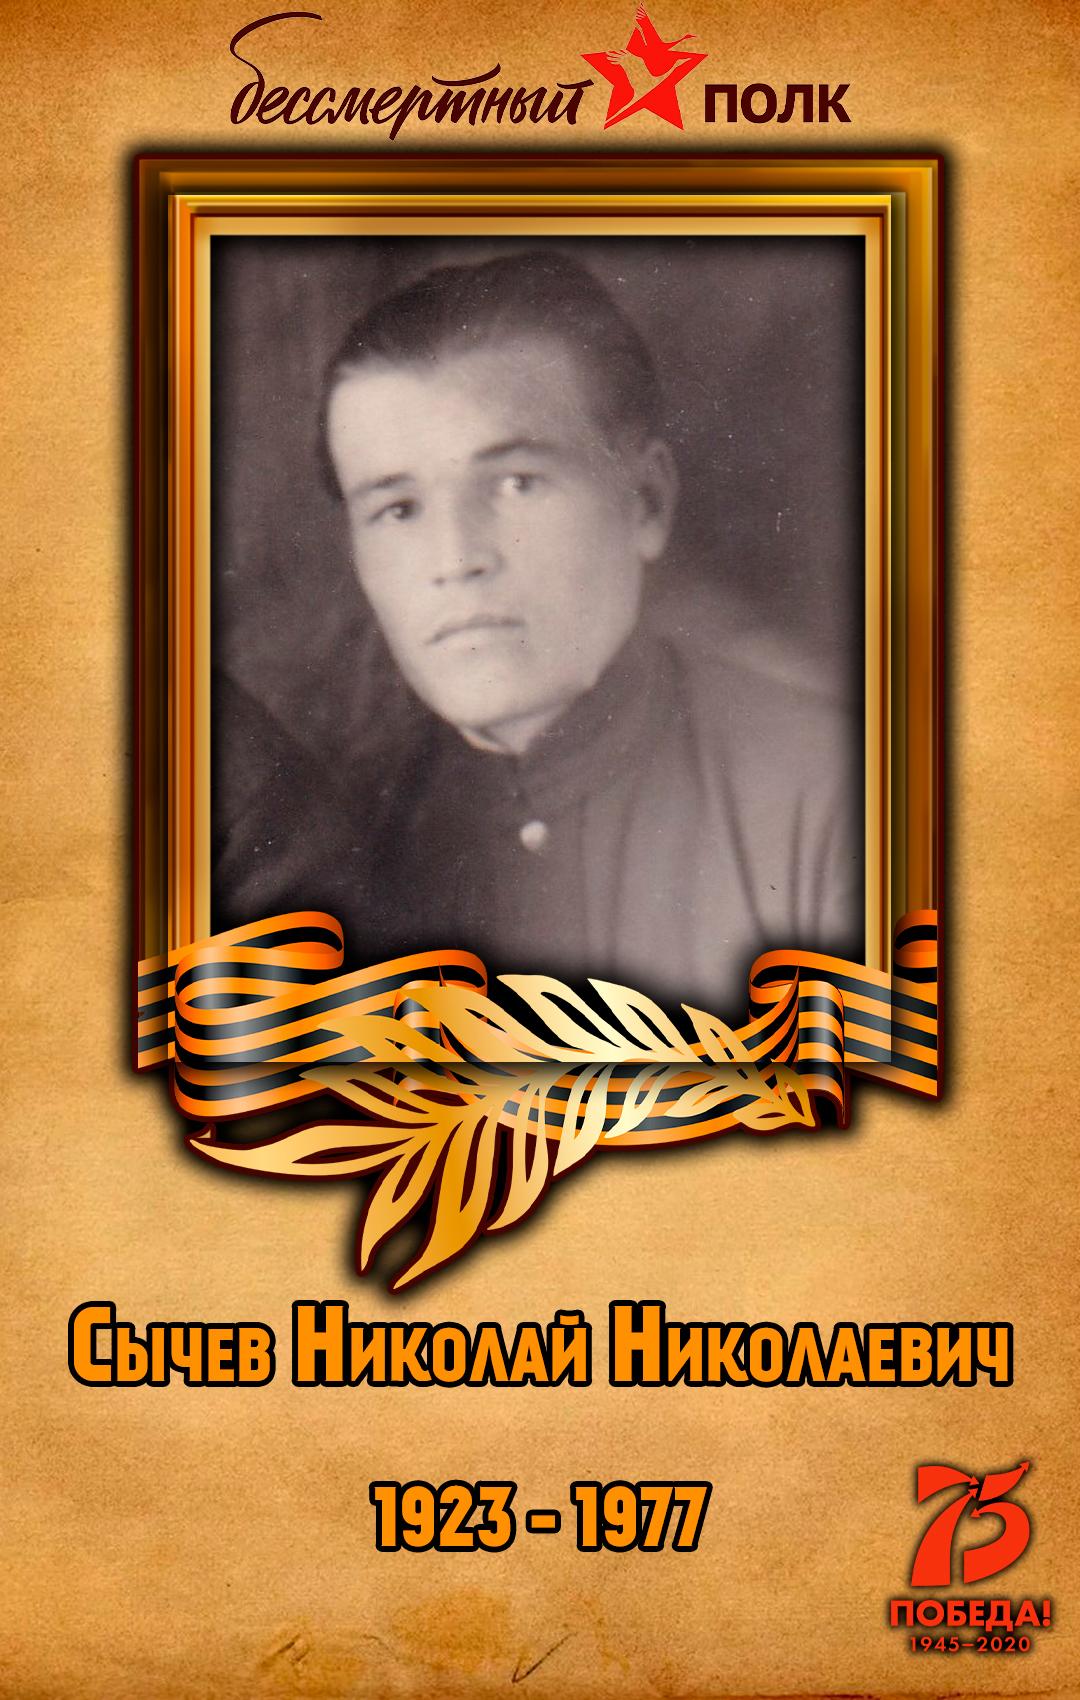 Сычев-Николай-Николаевич